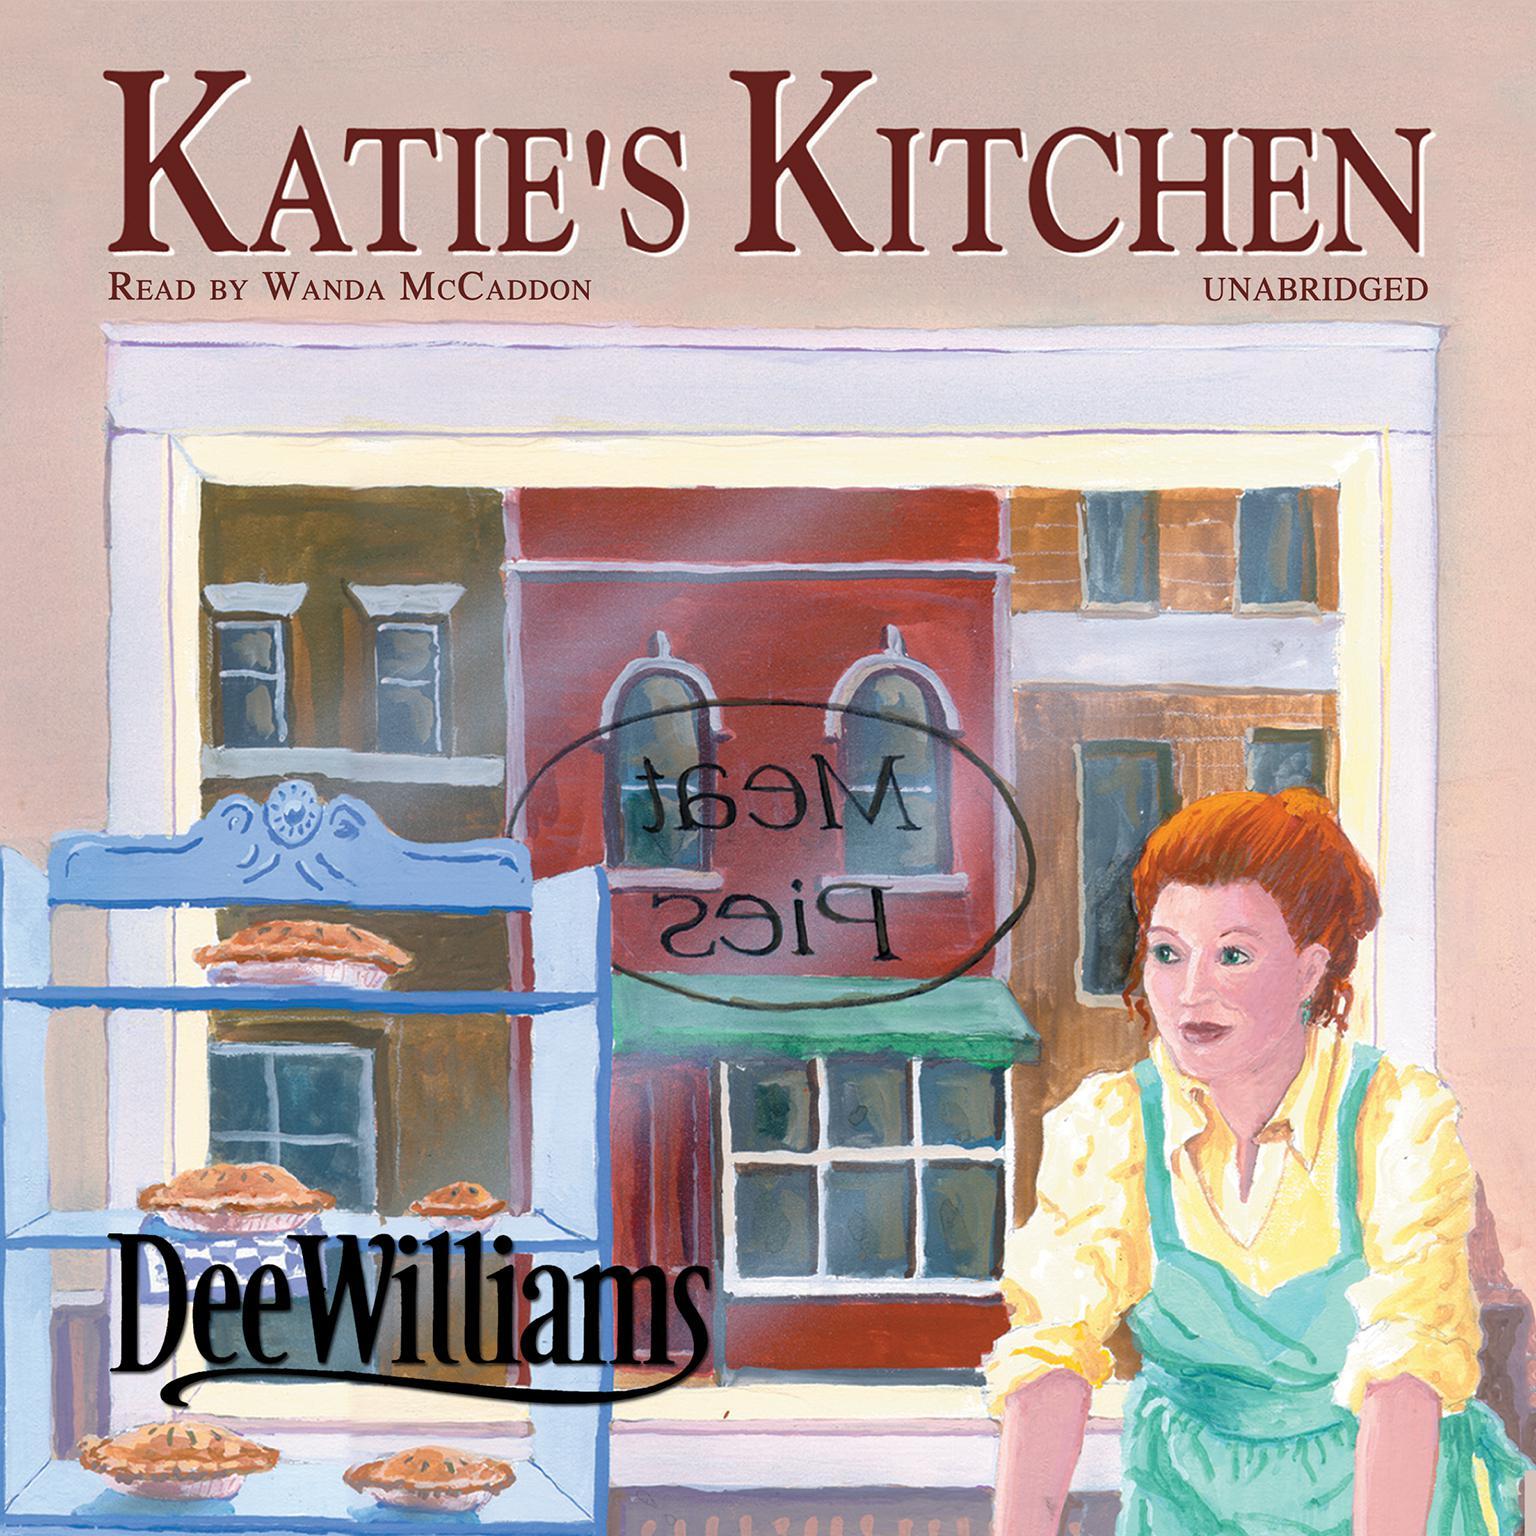 Katies Kitchen